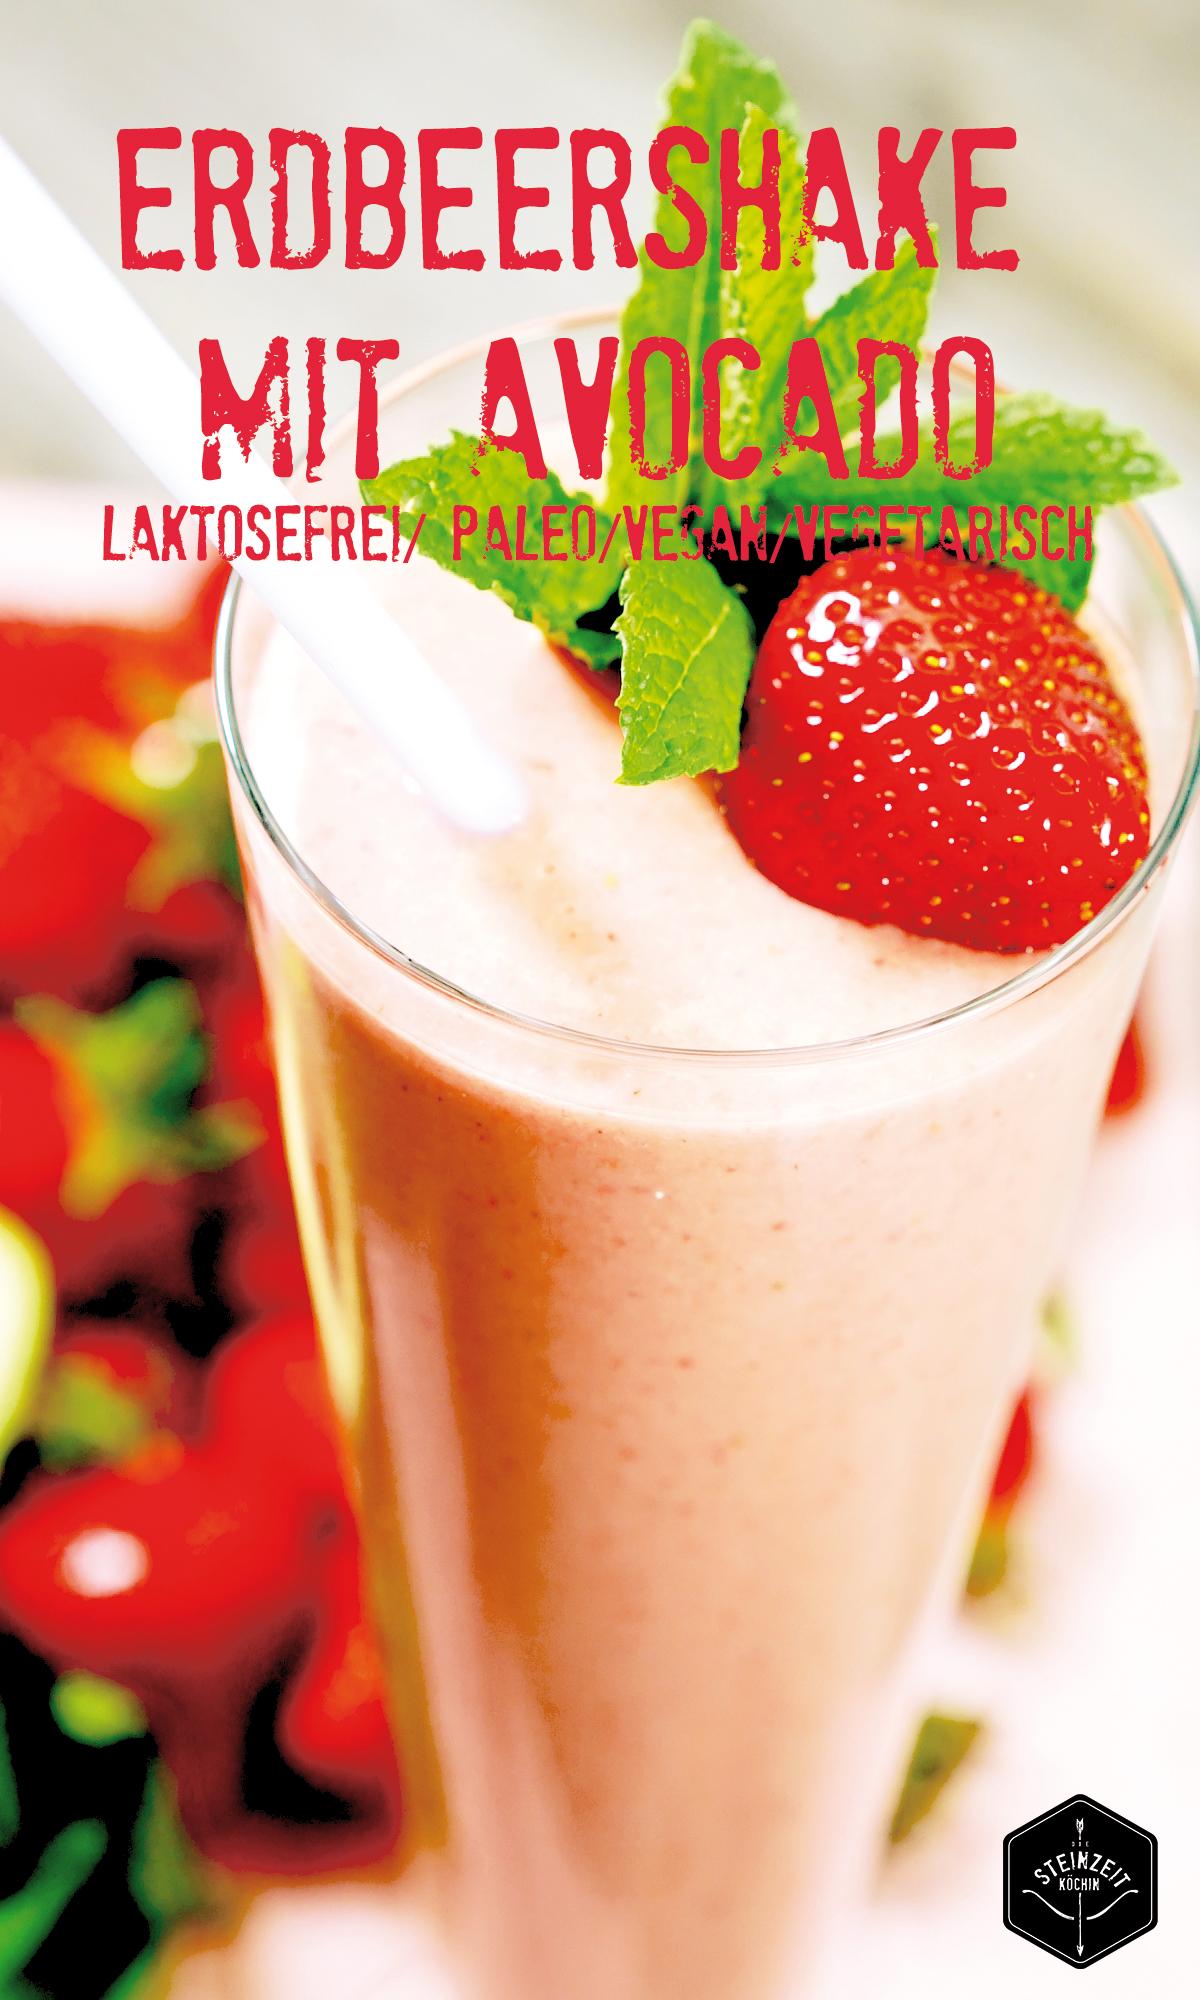 Erdbeer-Smoothie, kohlehydratfrei, laktosefrei, Paleo, Frühstücksidee, gesundes Essen, fruchtig, Avocados, abnehmen